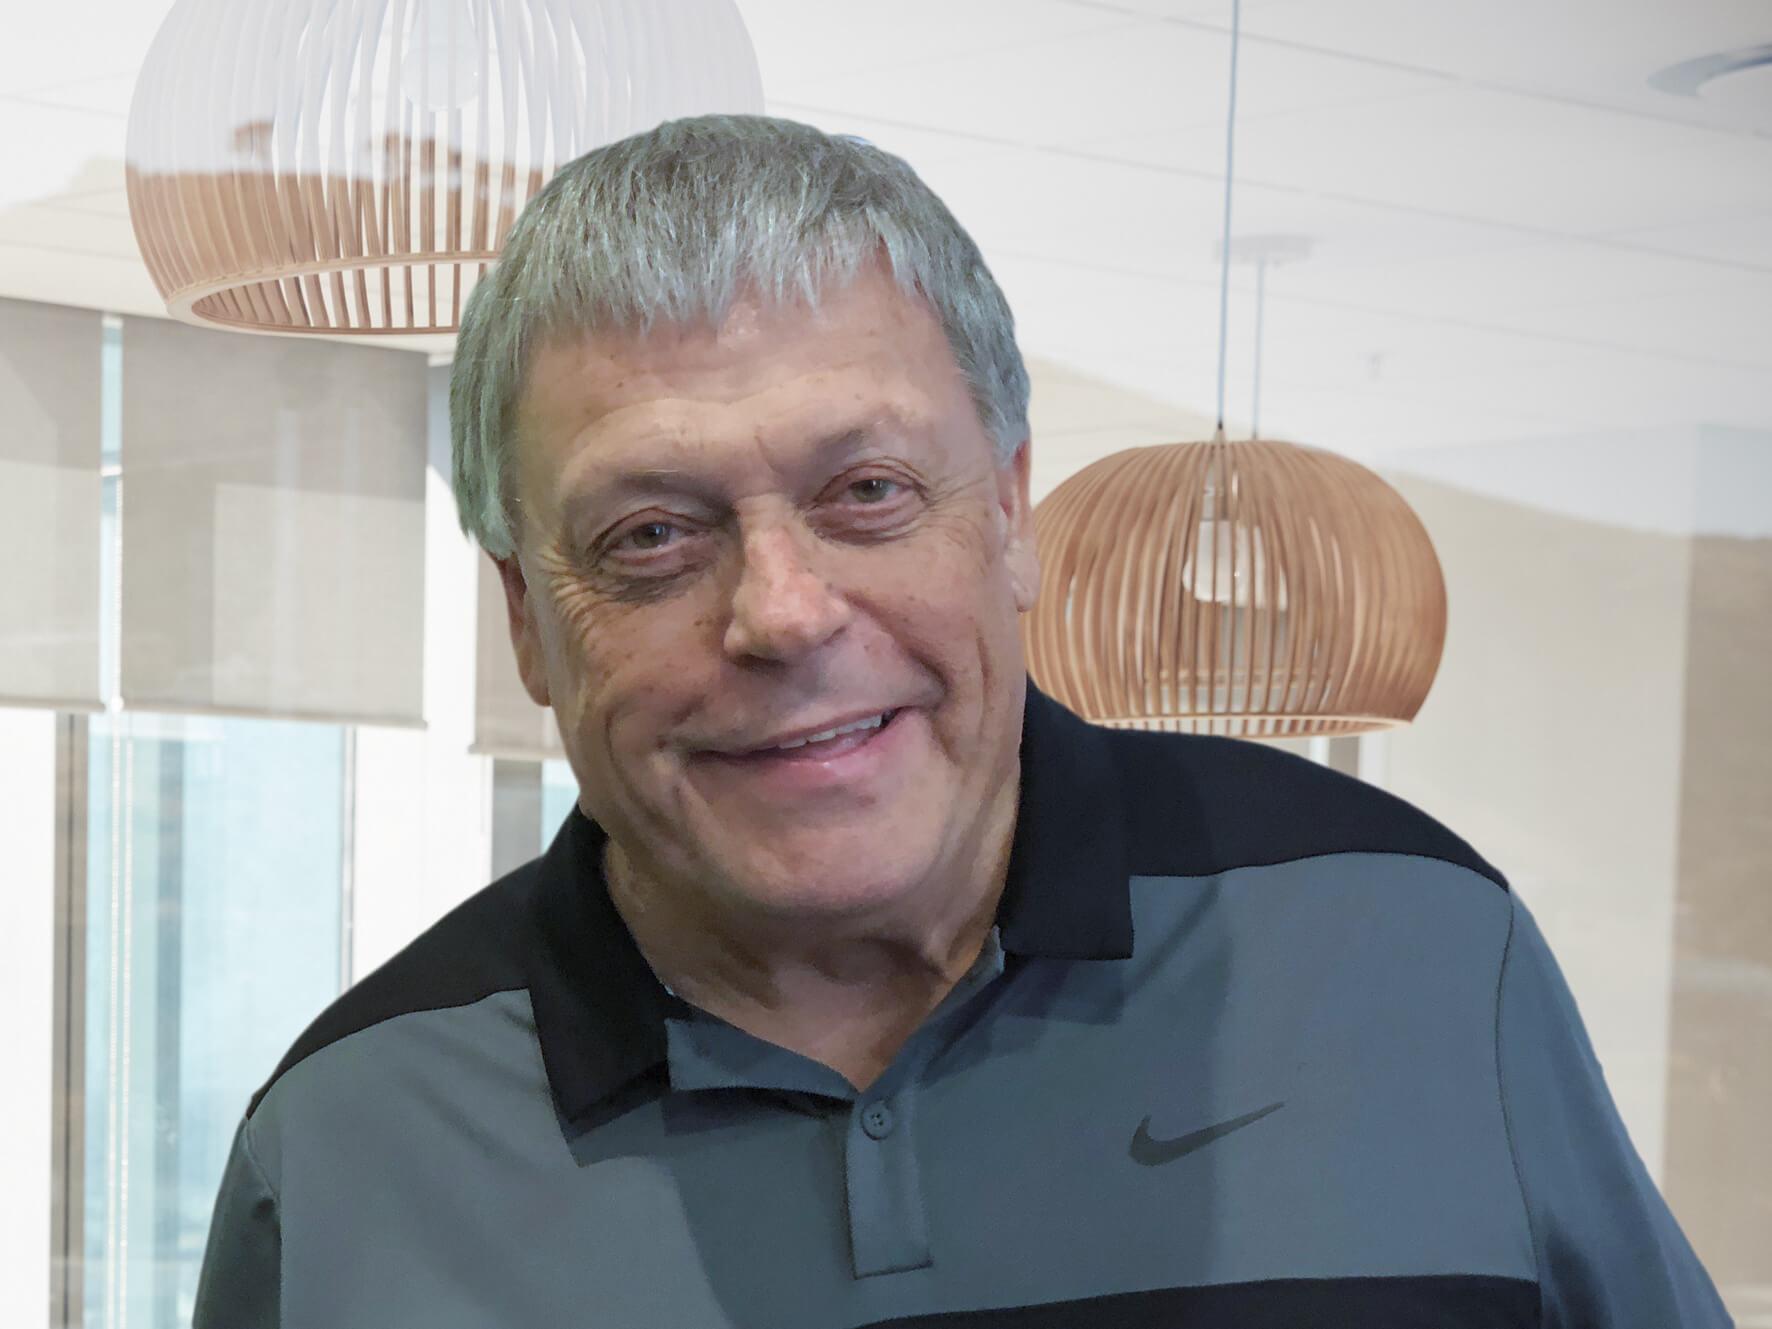 David Buffin